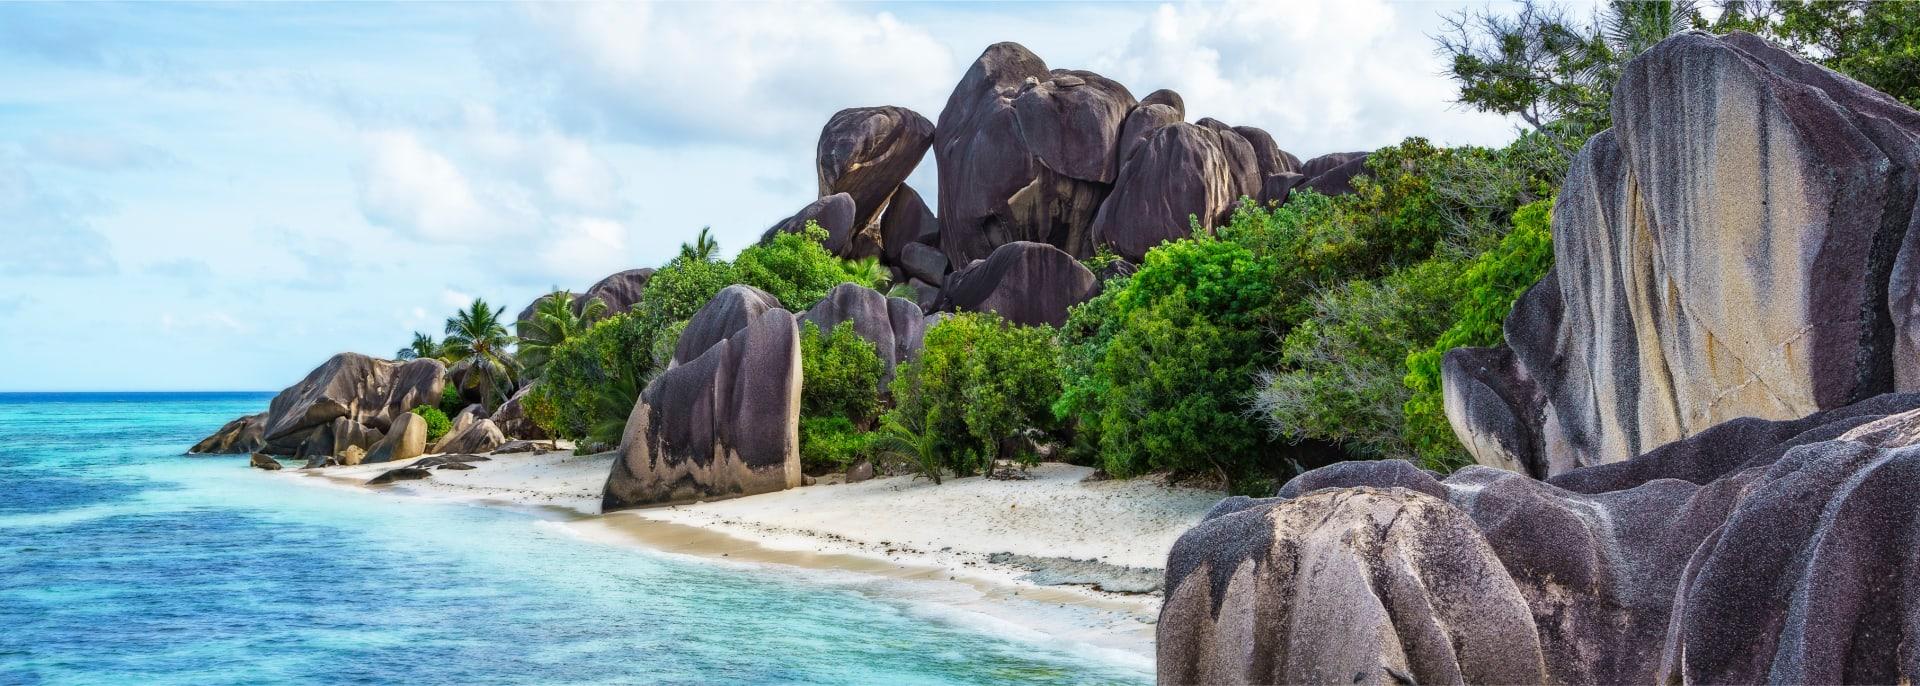 Der Strand Grande Anse auf der Insel La Digue auf den Seychellen